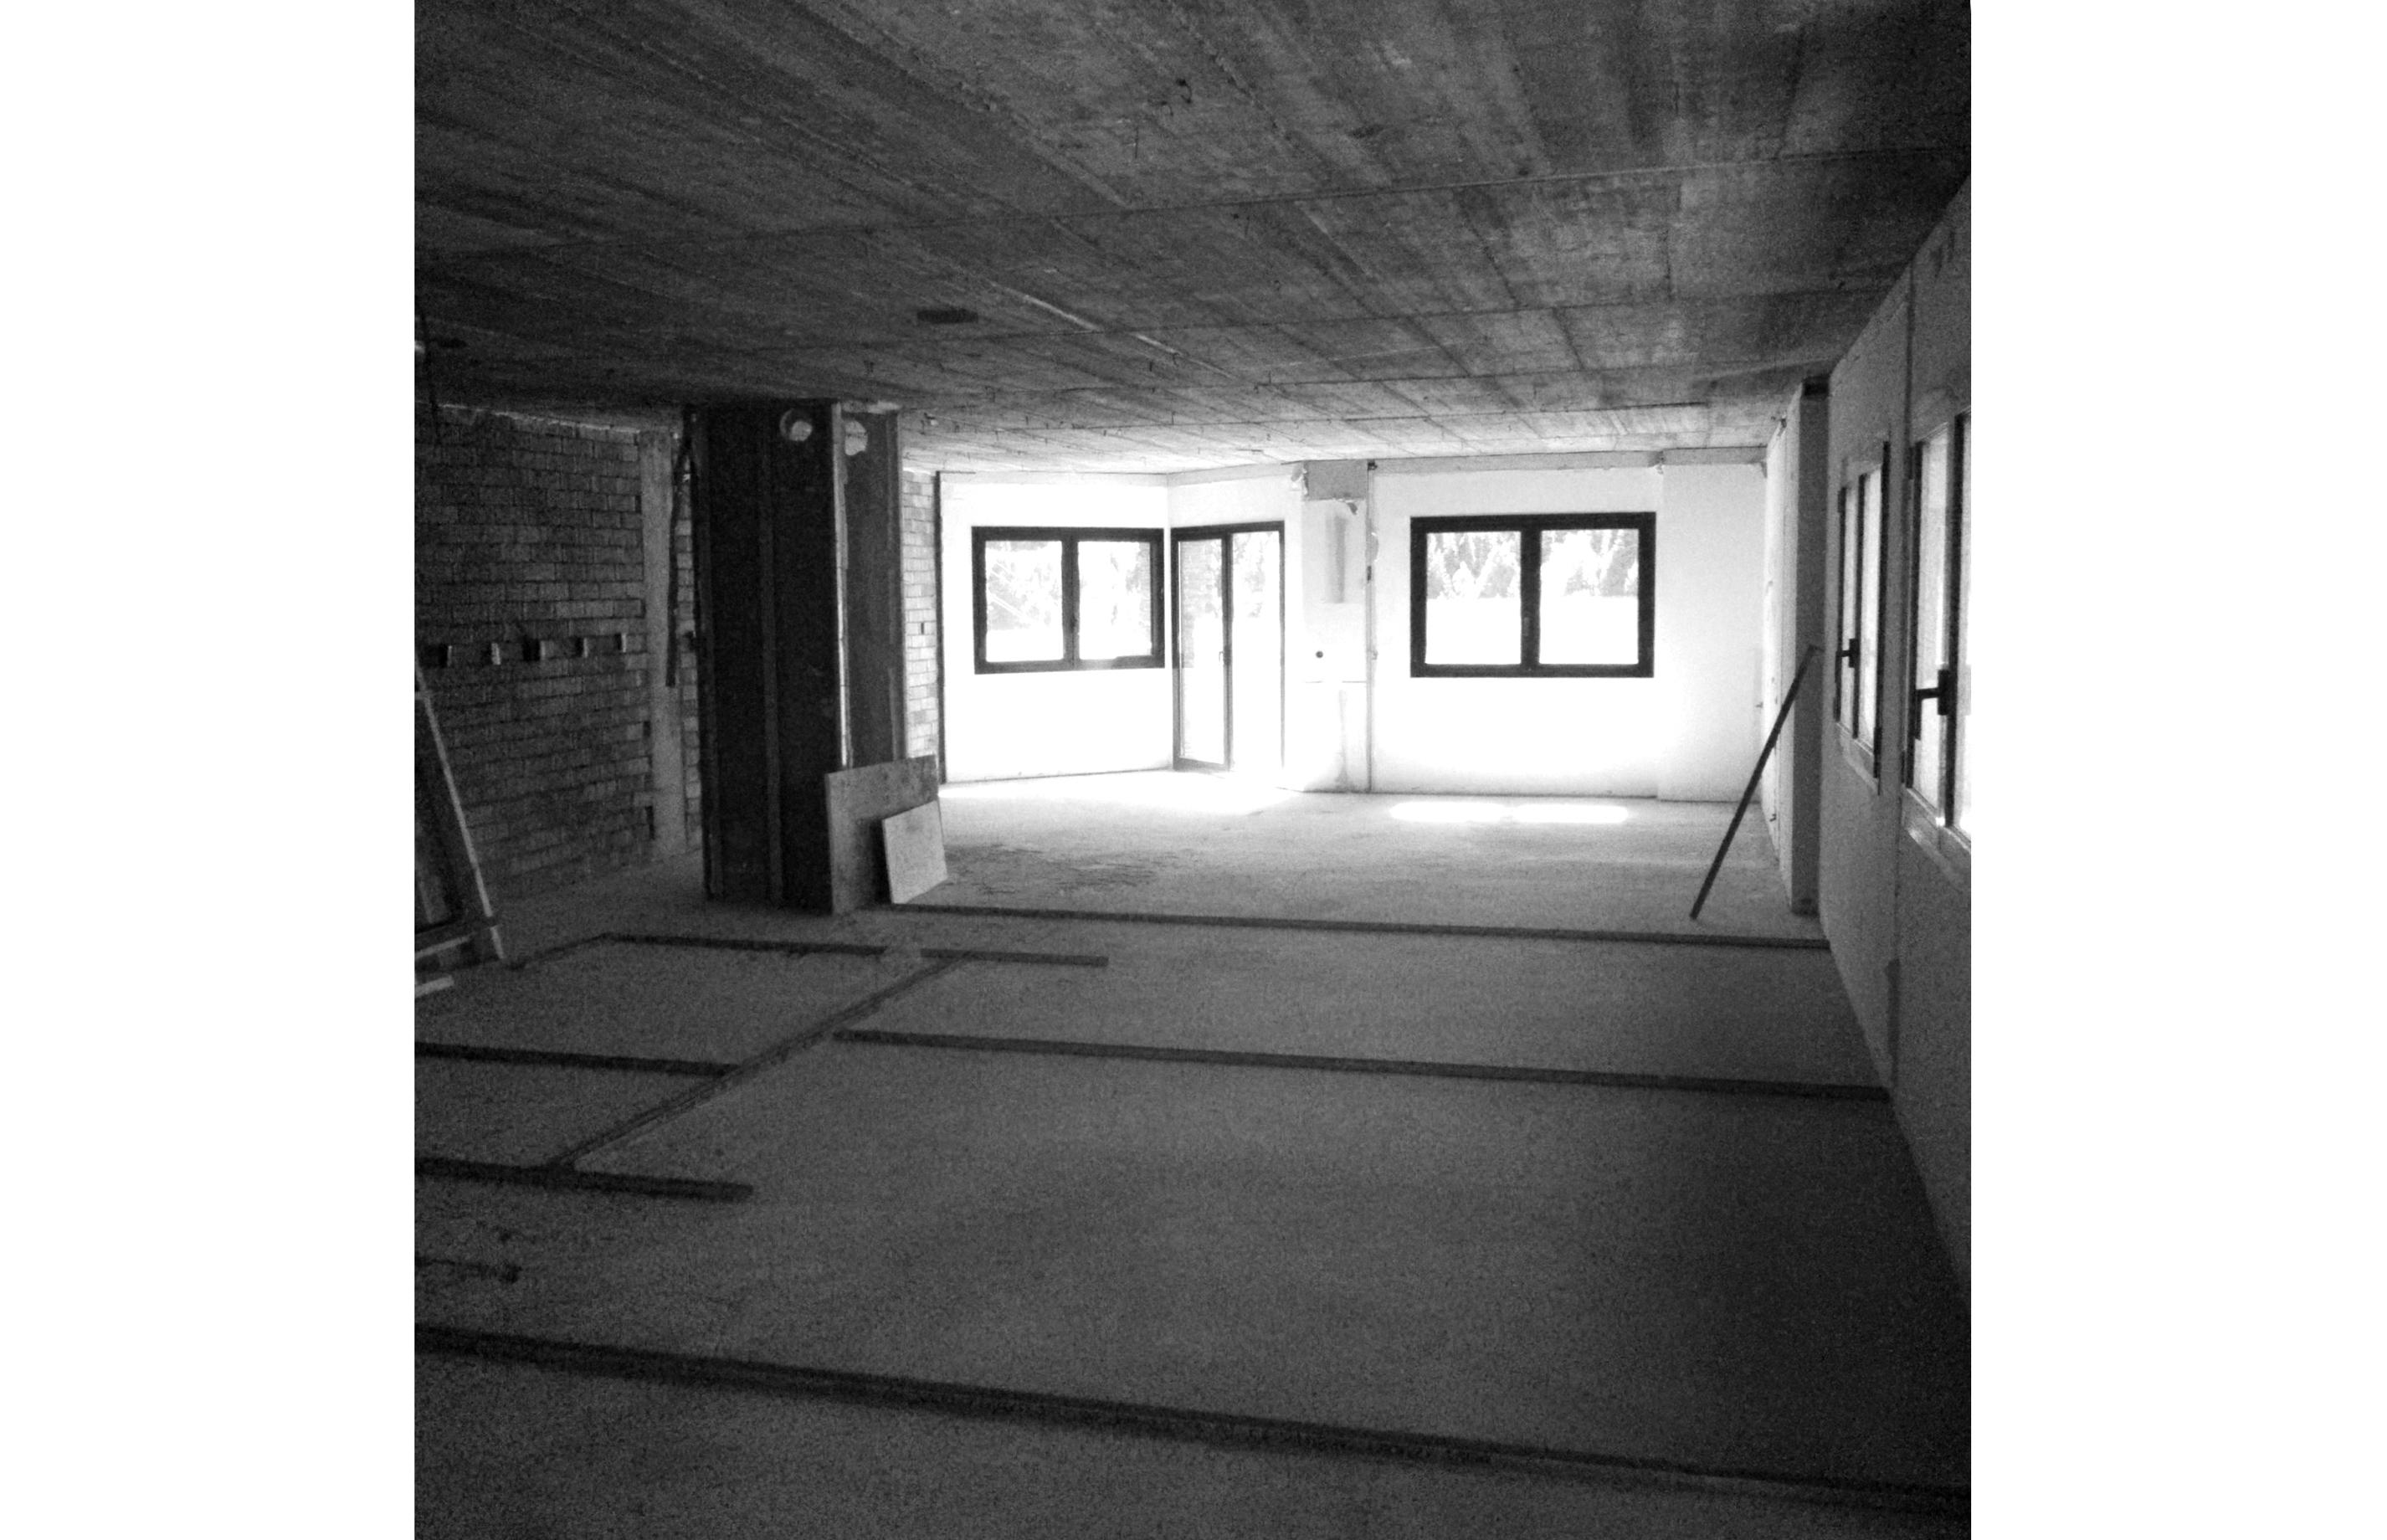 sicra arquitectura piolets park (5)